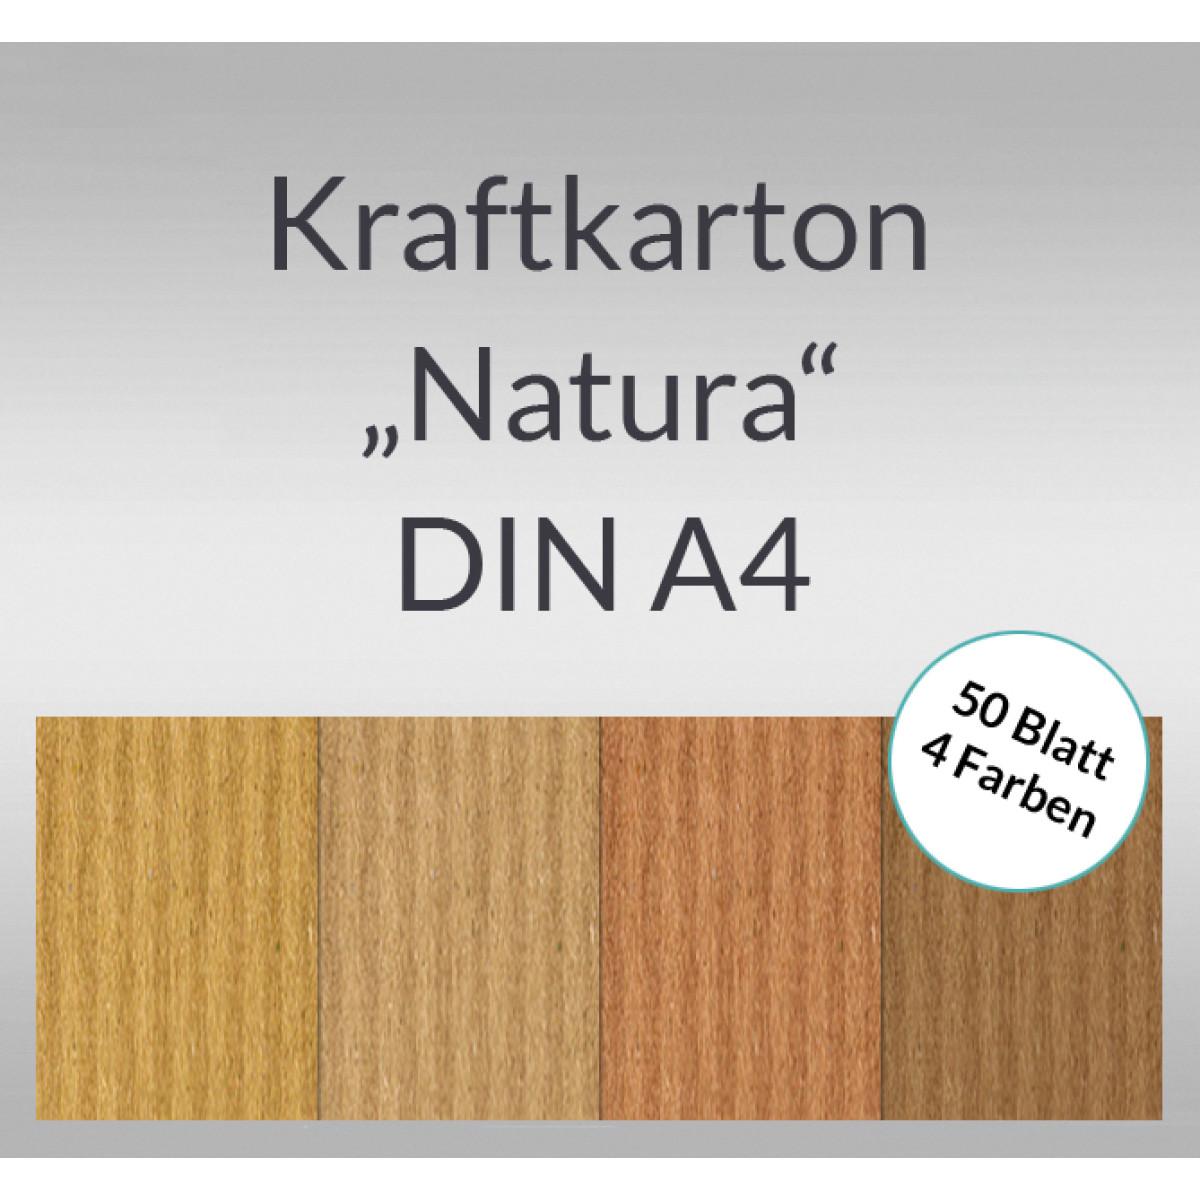 """Kraftkarton """"Natura"""" DIN A4 - 50 Blatt sortiert"""